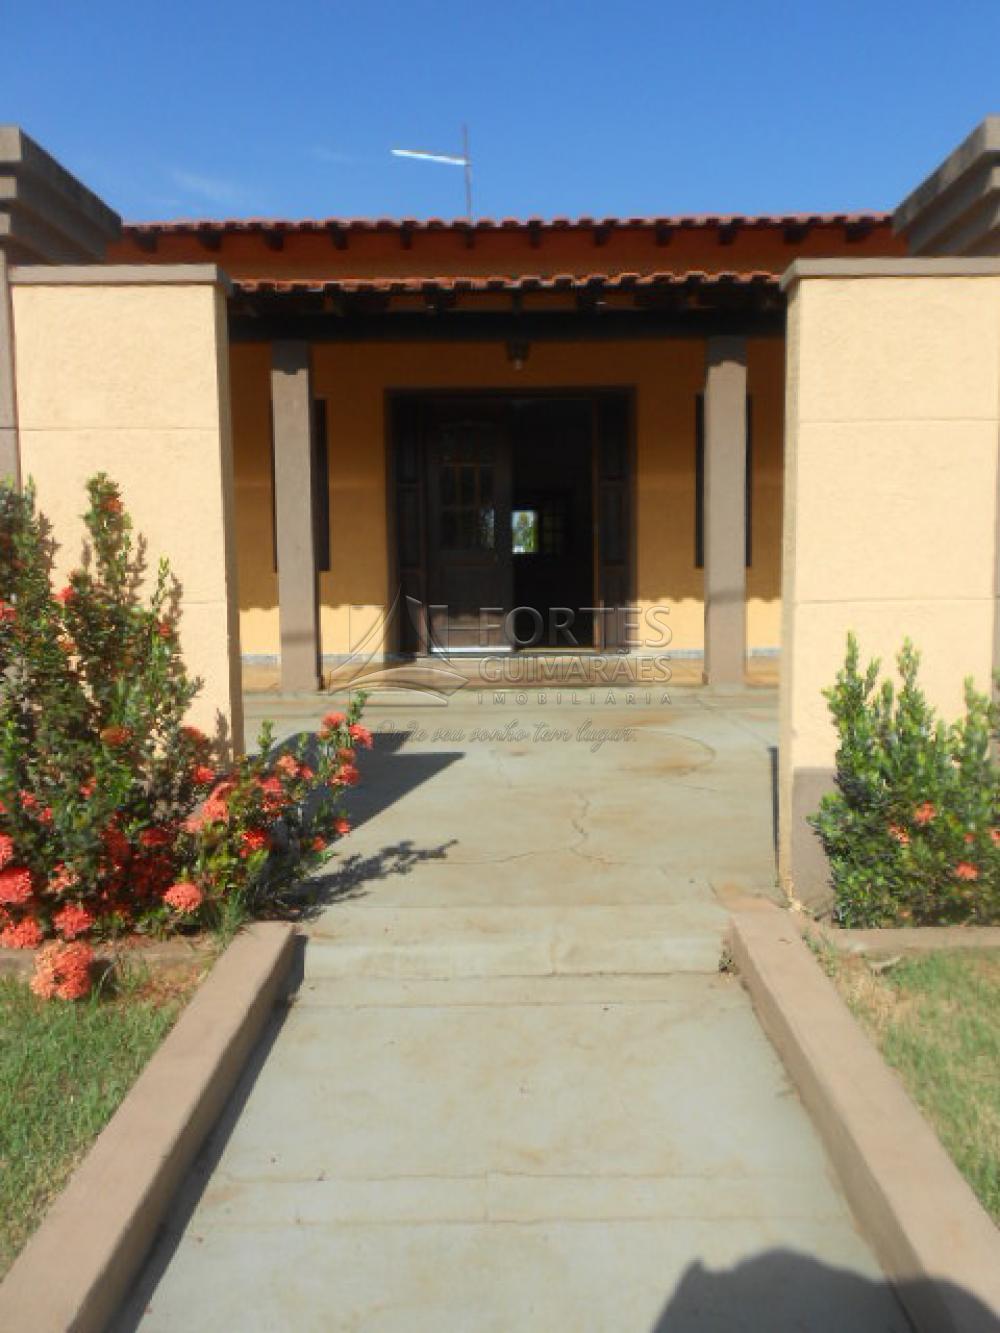 Alugar Casas / Condomínio em Jardinópolis apenas R$ 3.000,00 - Foto 5